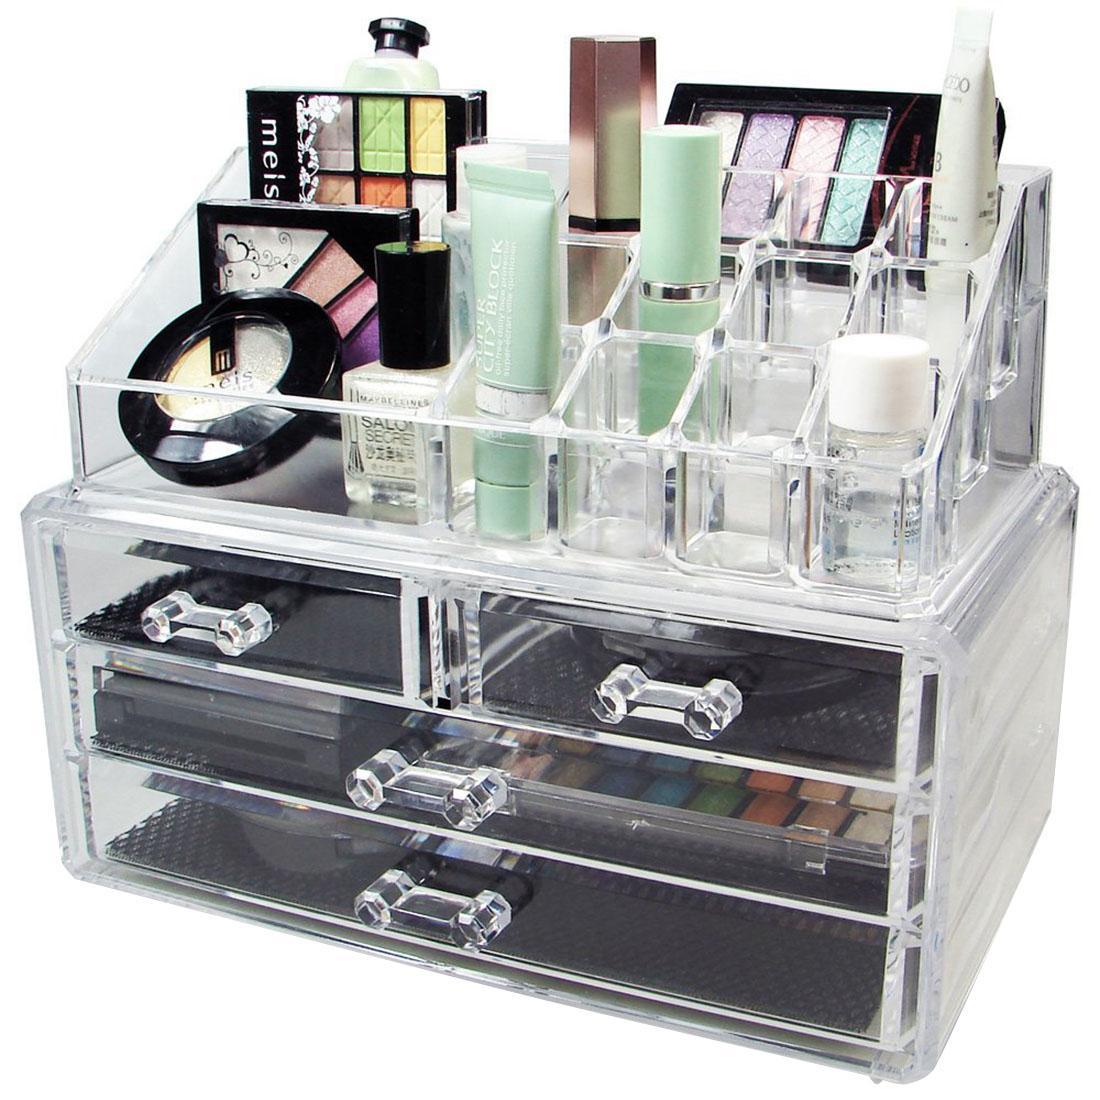 2018 New Acrylic Makeup Organizer Storage Box Case Cosmetic Jewelry